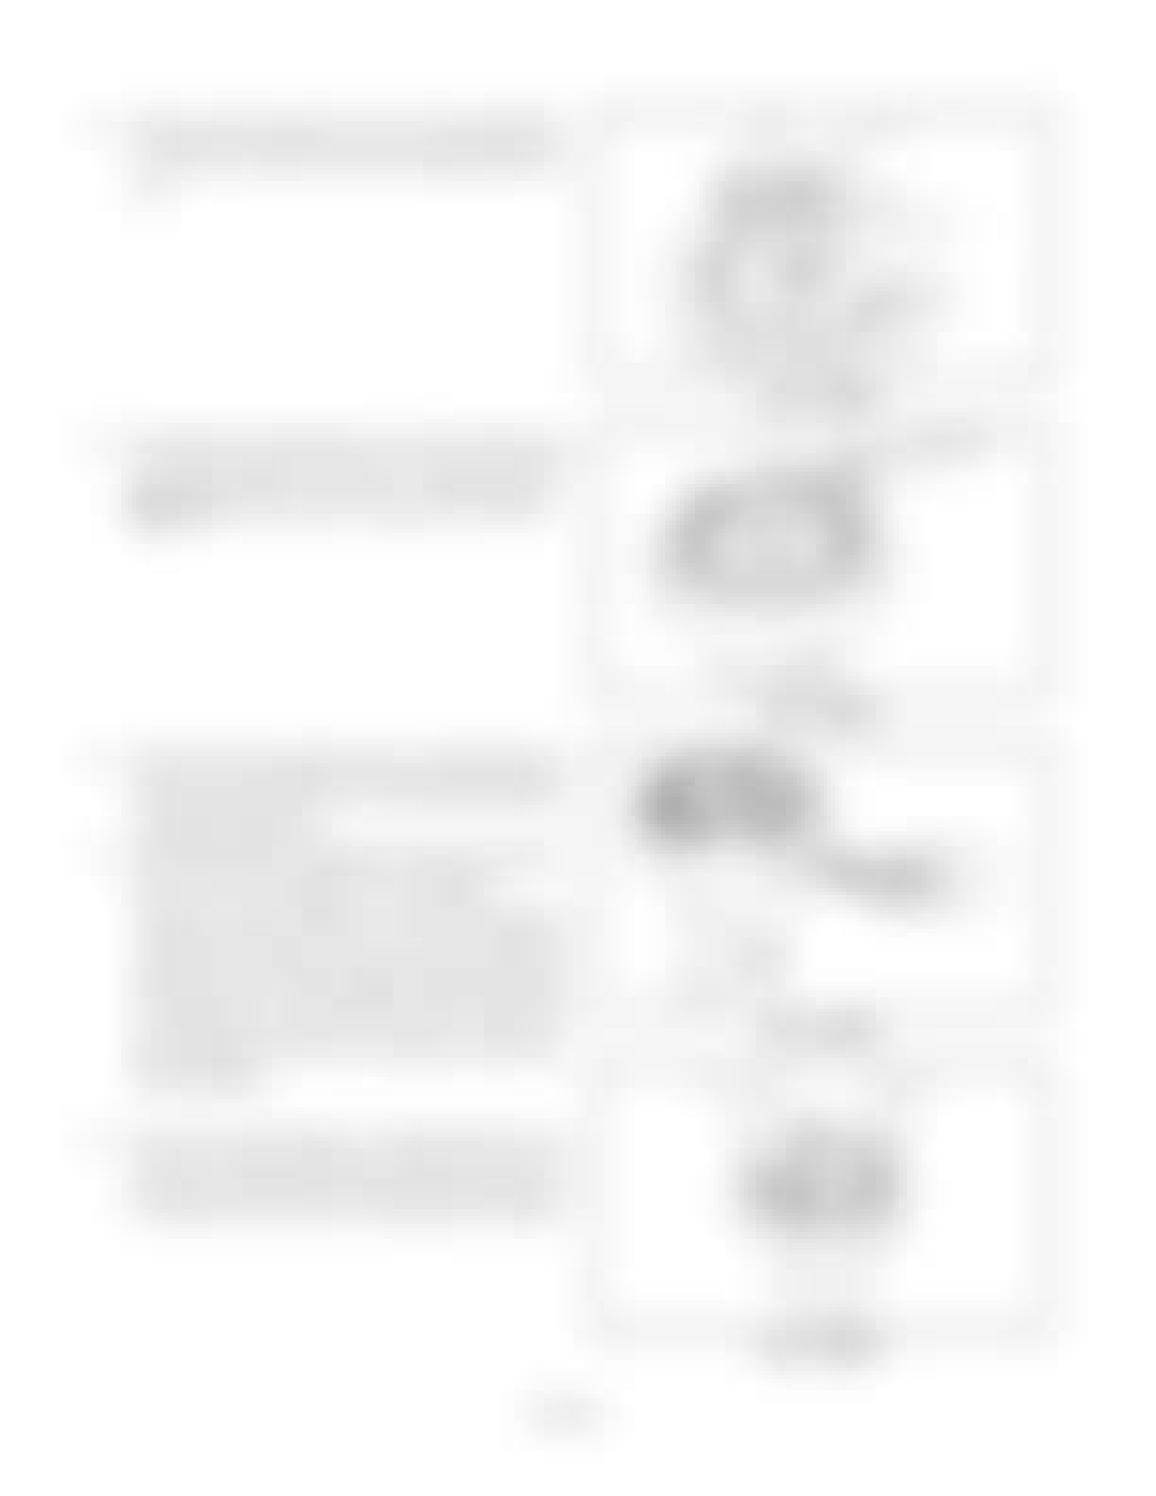 Hitachi LX110-7 LX130-7 LX160-7 LX190-7 LX230-7 Wheel Loader Workshop Manual - PDF DOWNLOAD page 212